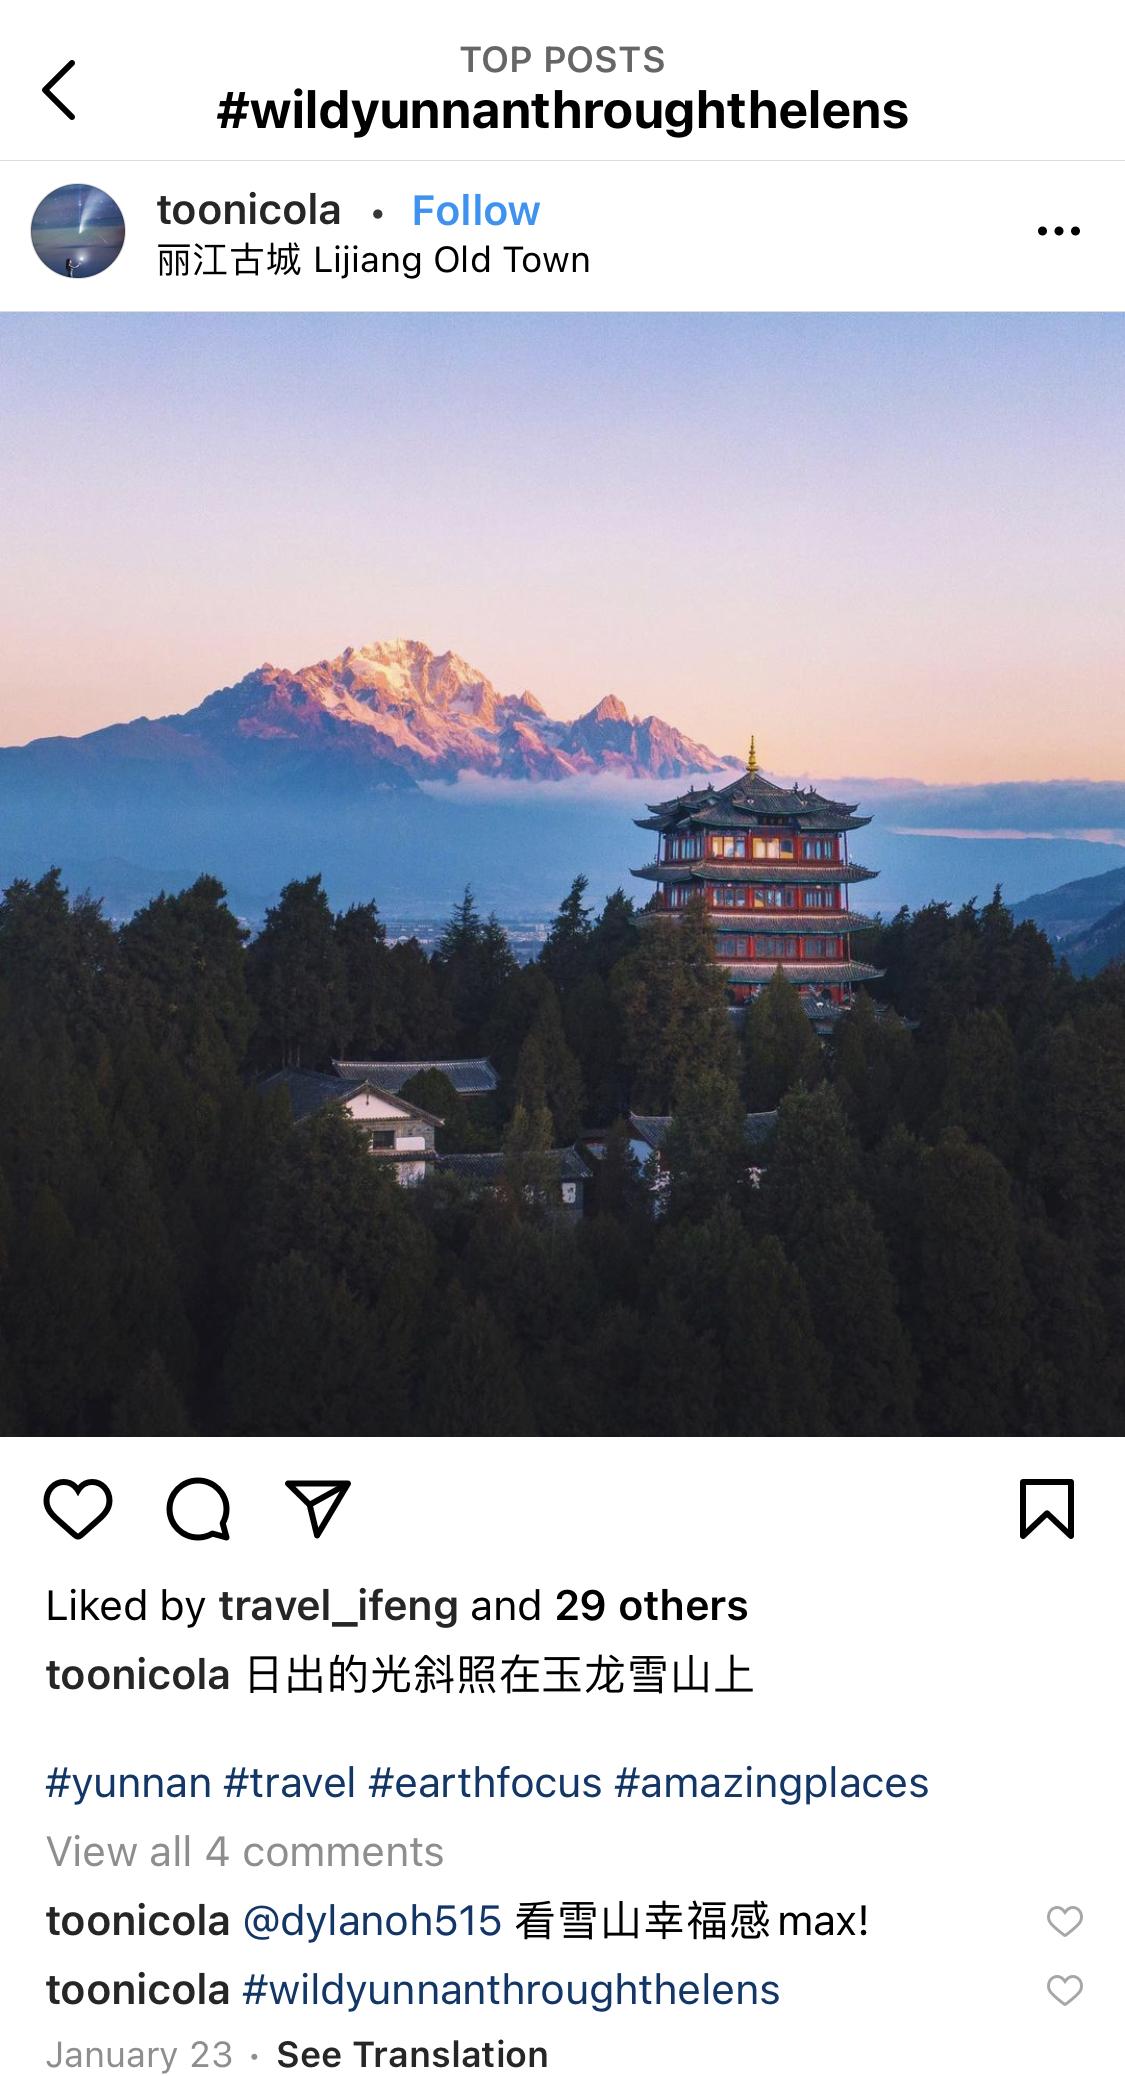 百名摄影师晒出精彩云南,网友直呼:太美了!